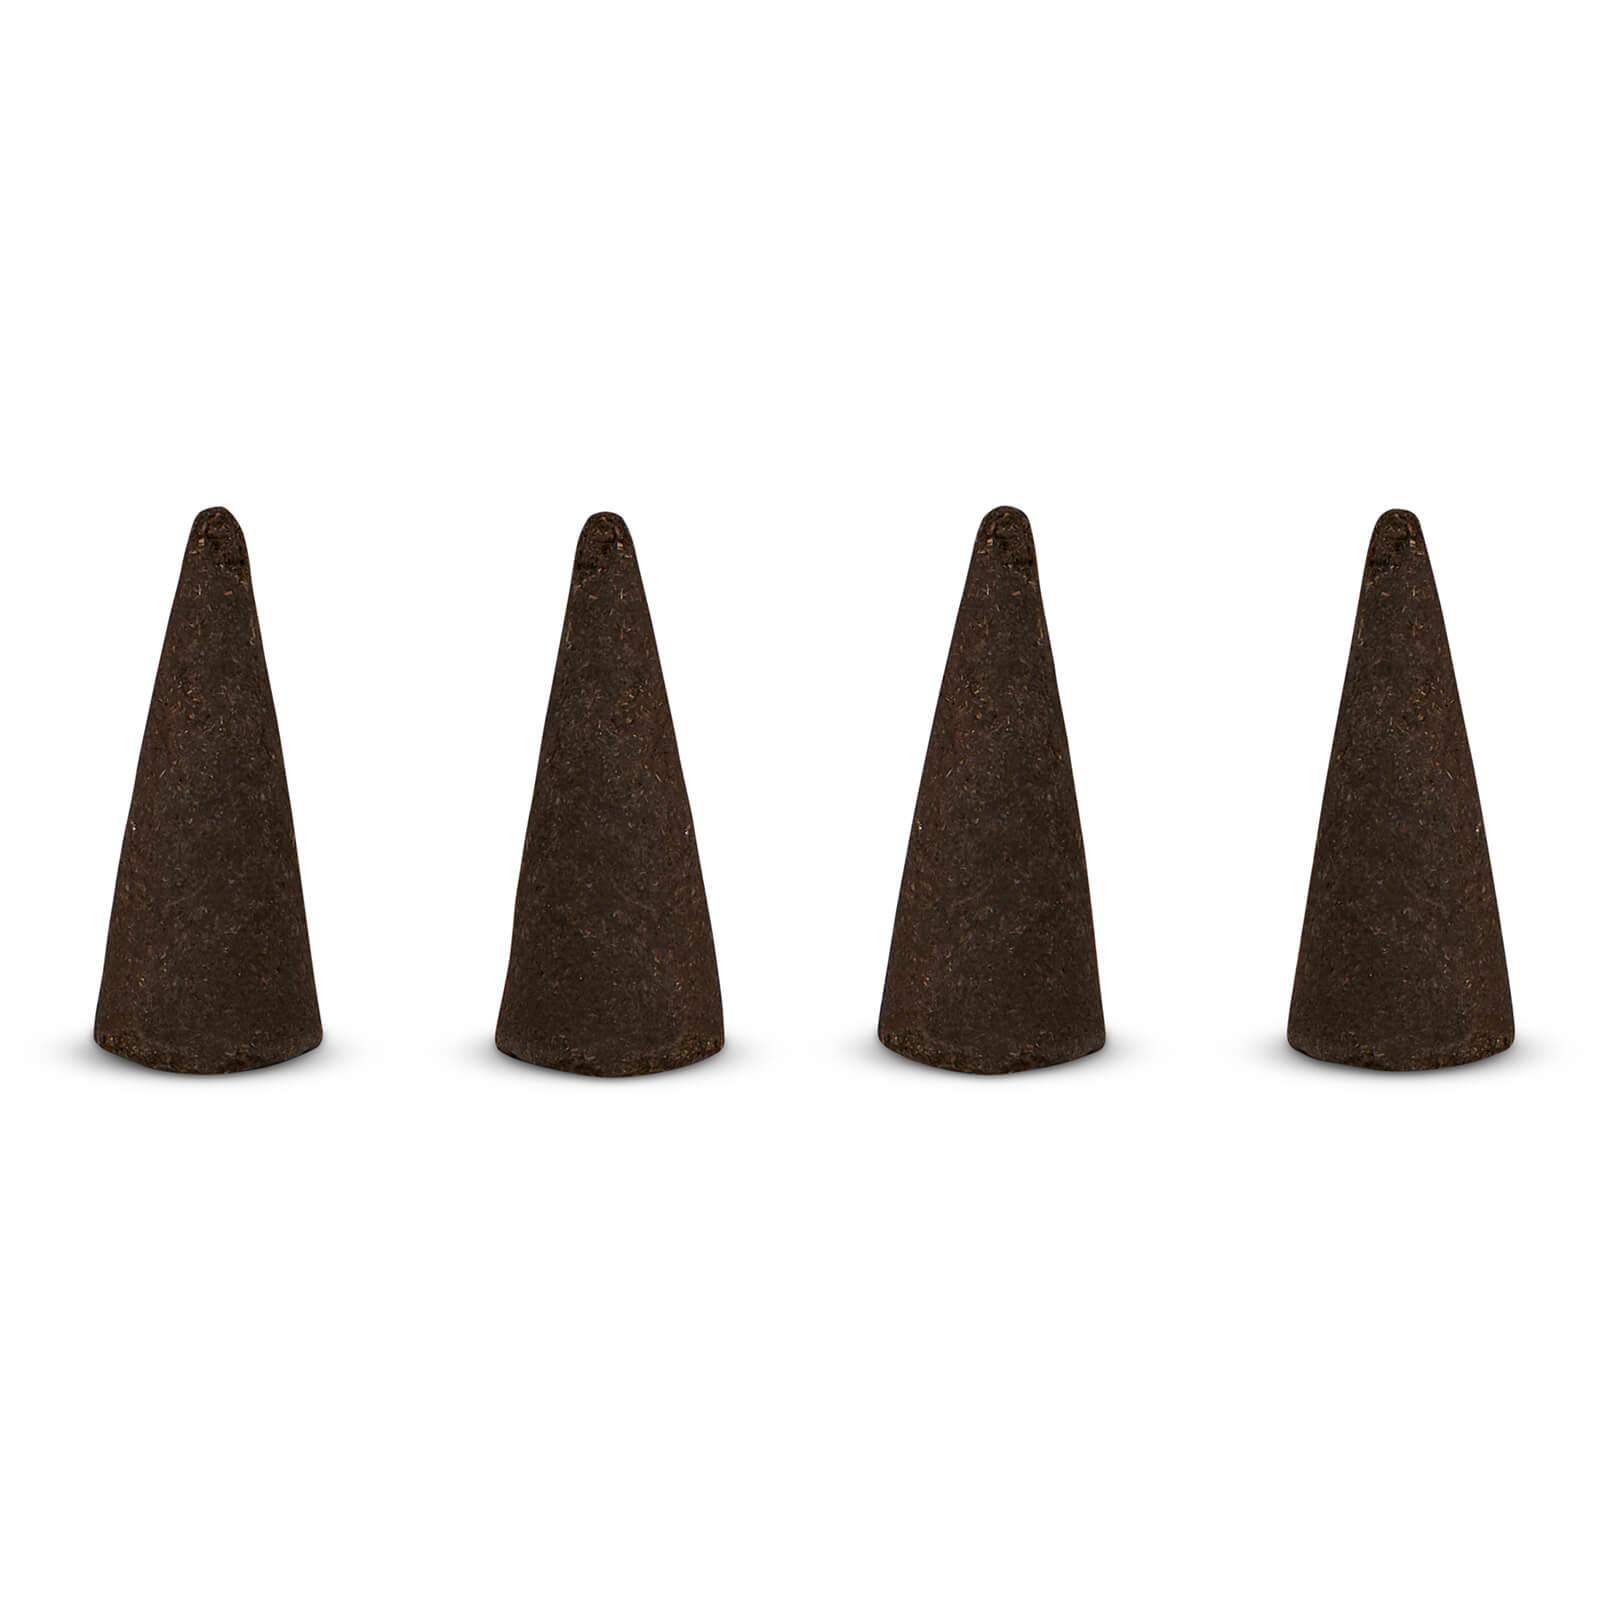 Tom Dixon Fog Incense Cones - London